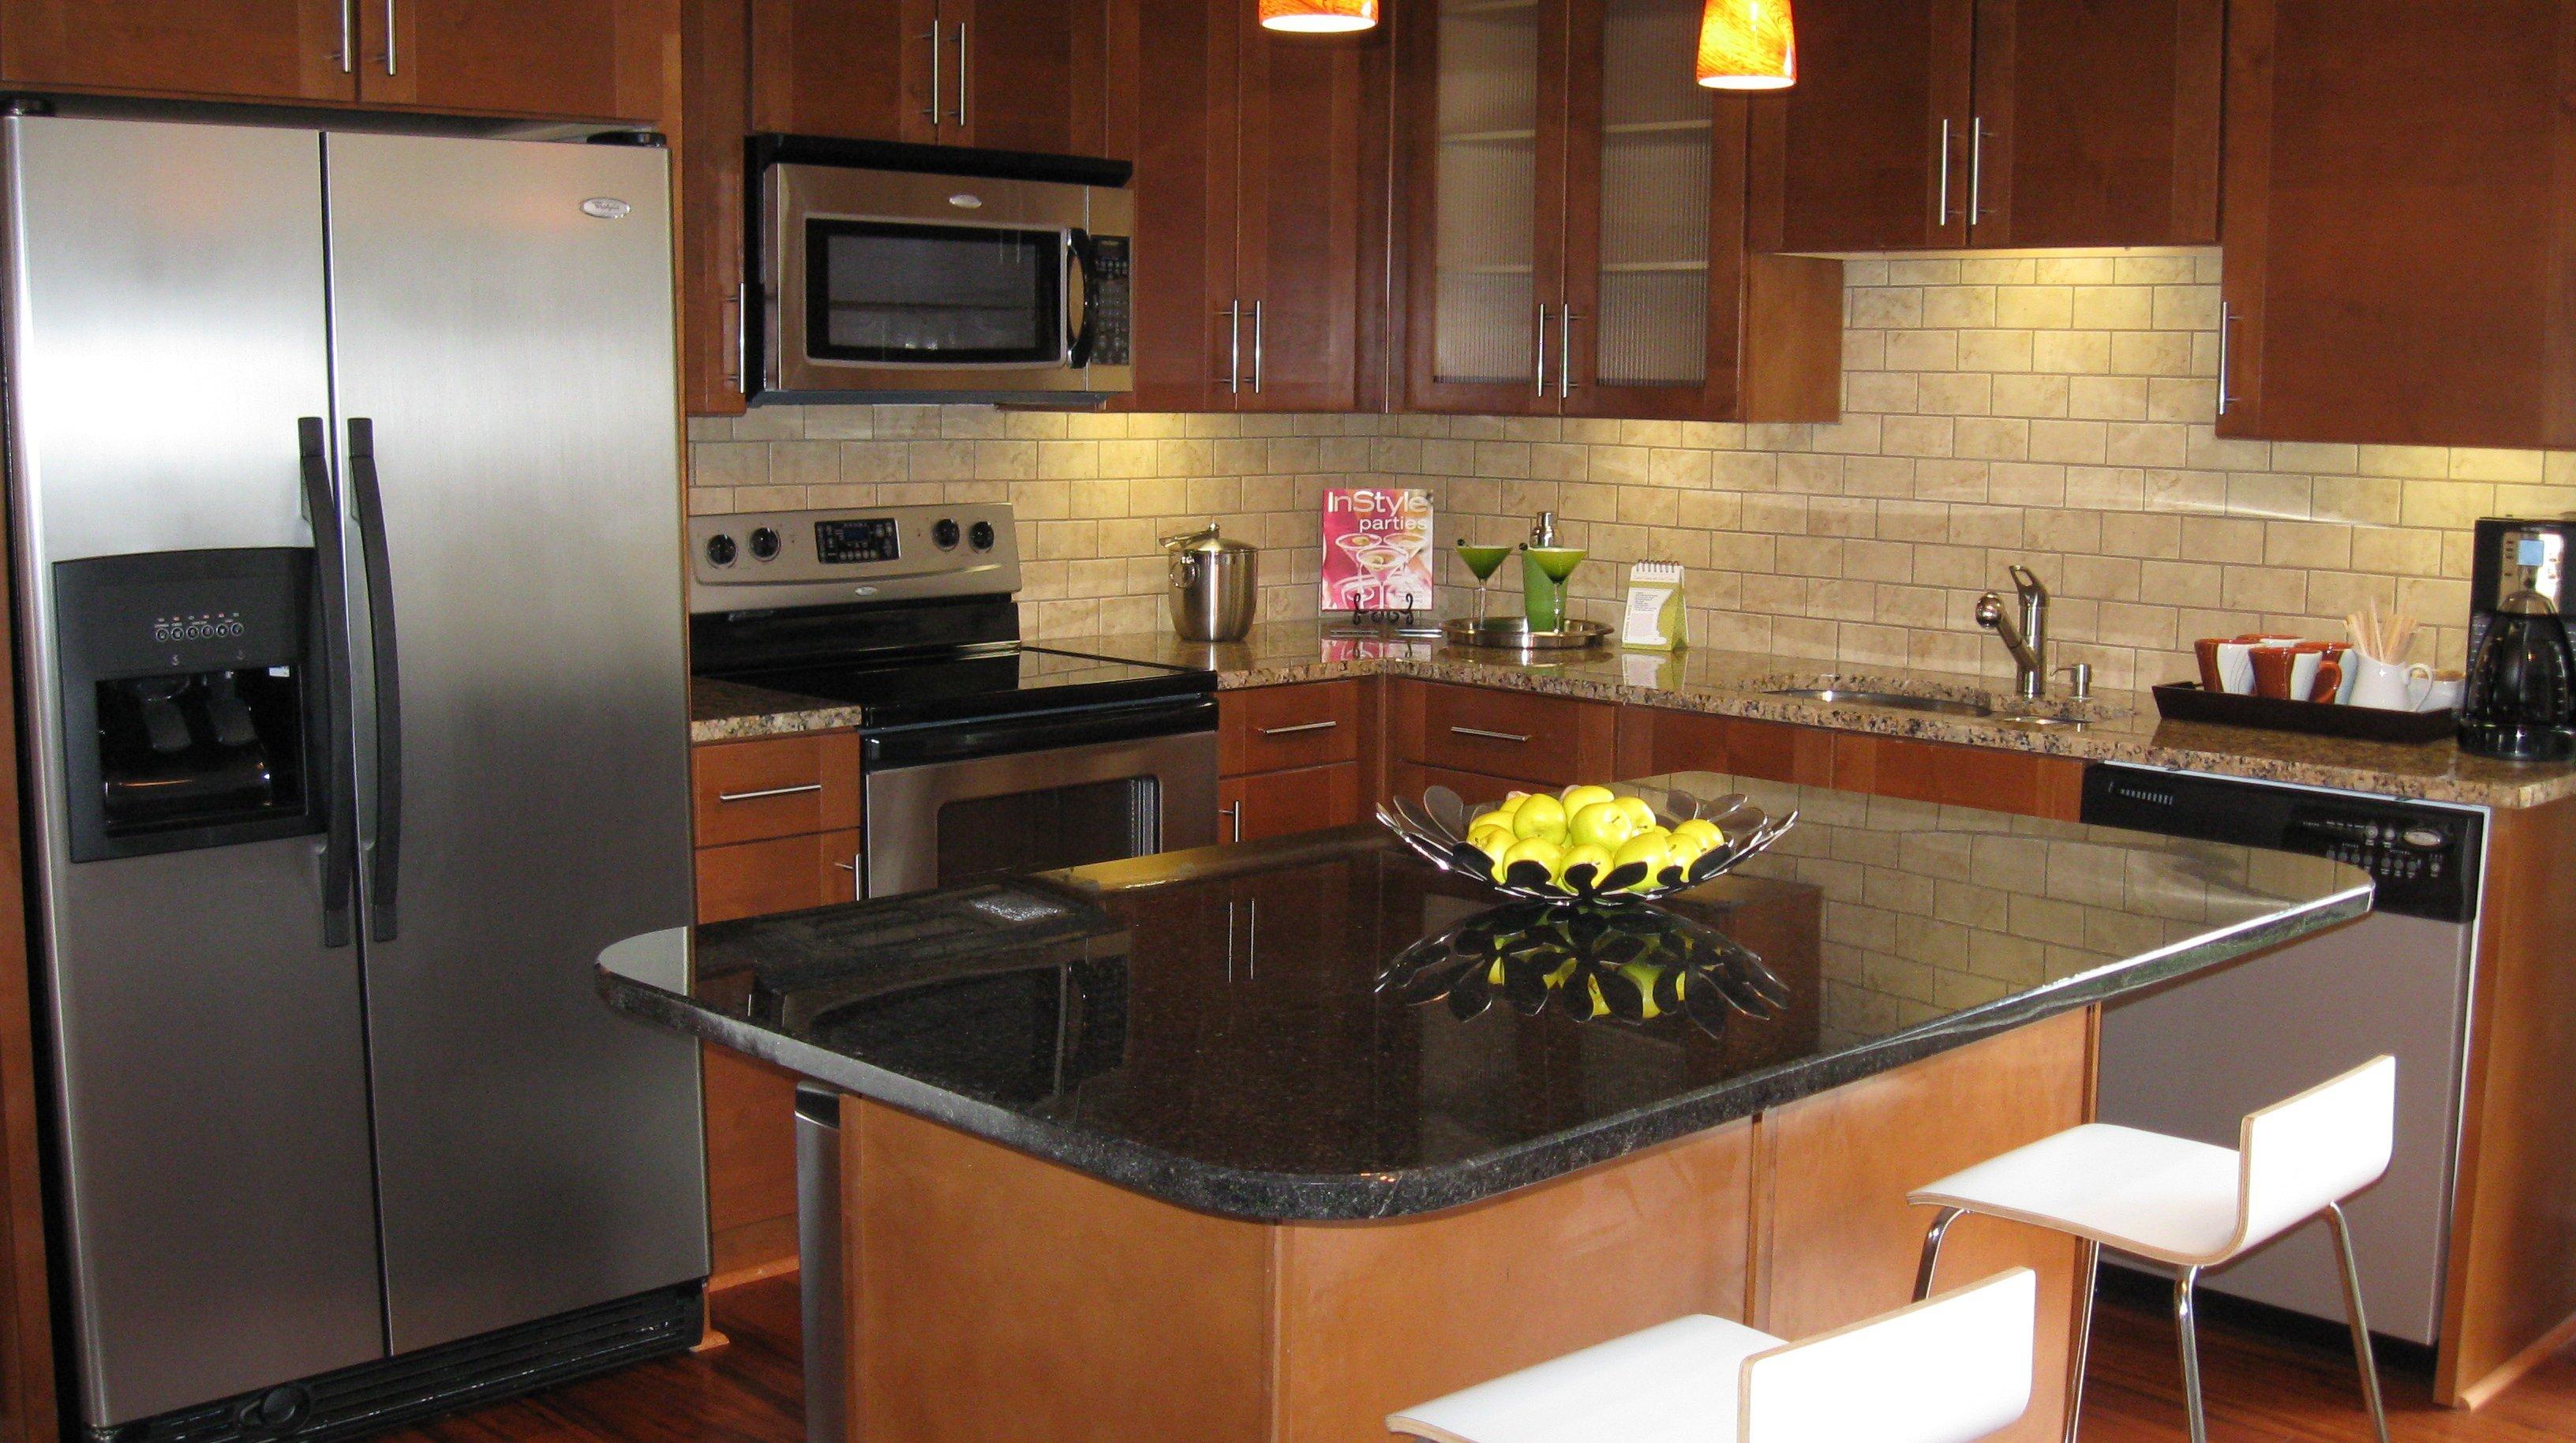 apartment interior - kitchen - San Antonio TX